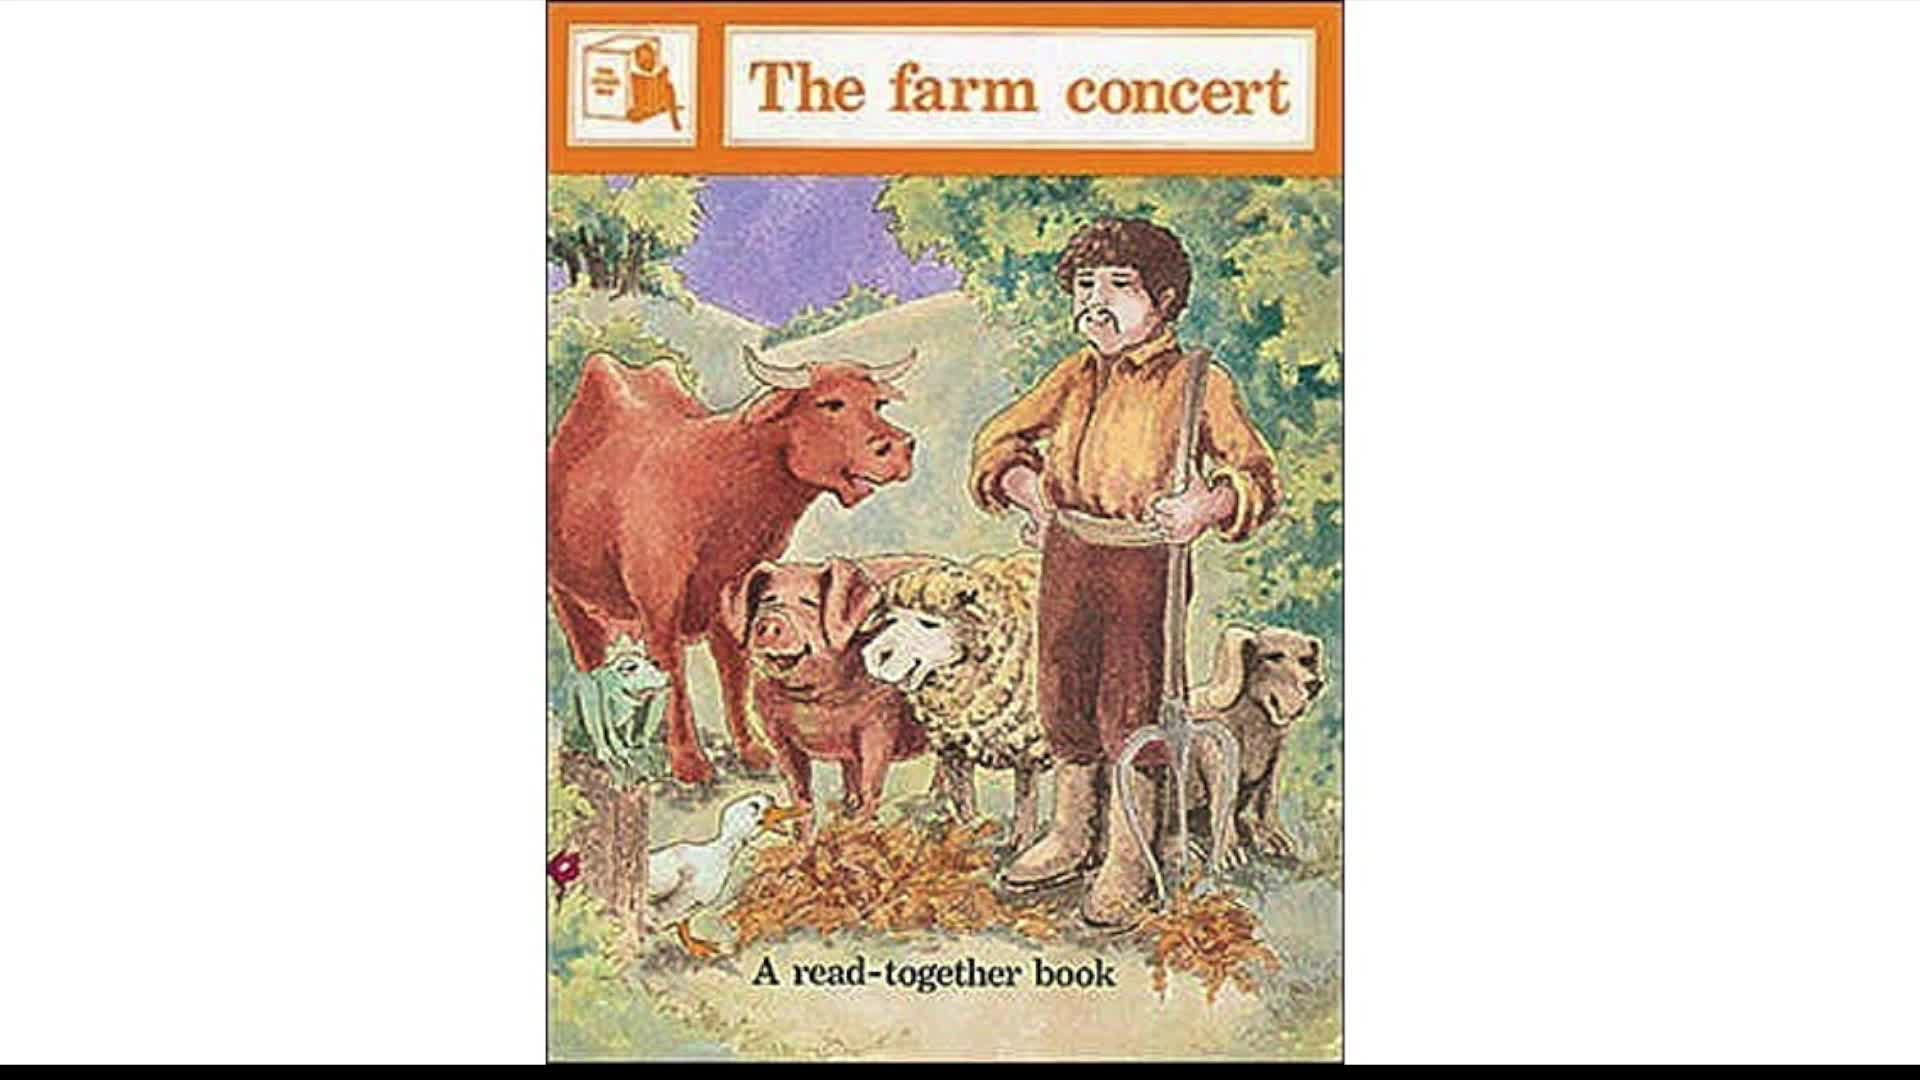 The Farm Concert